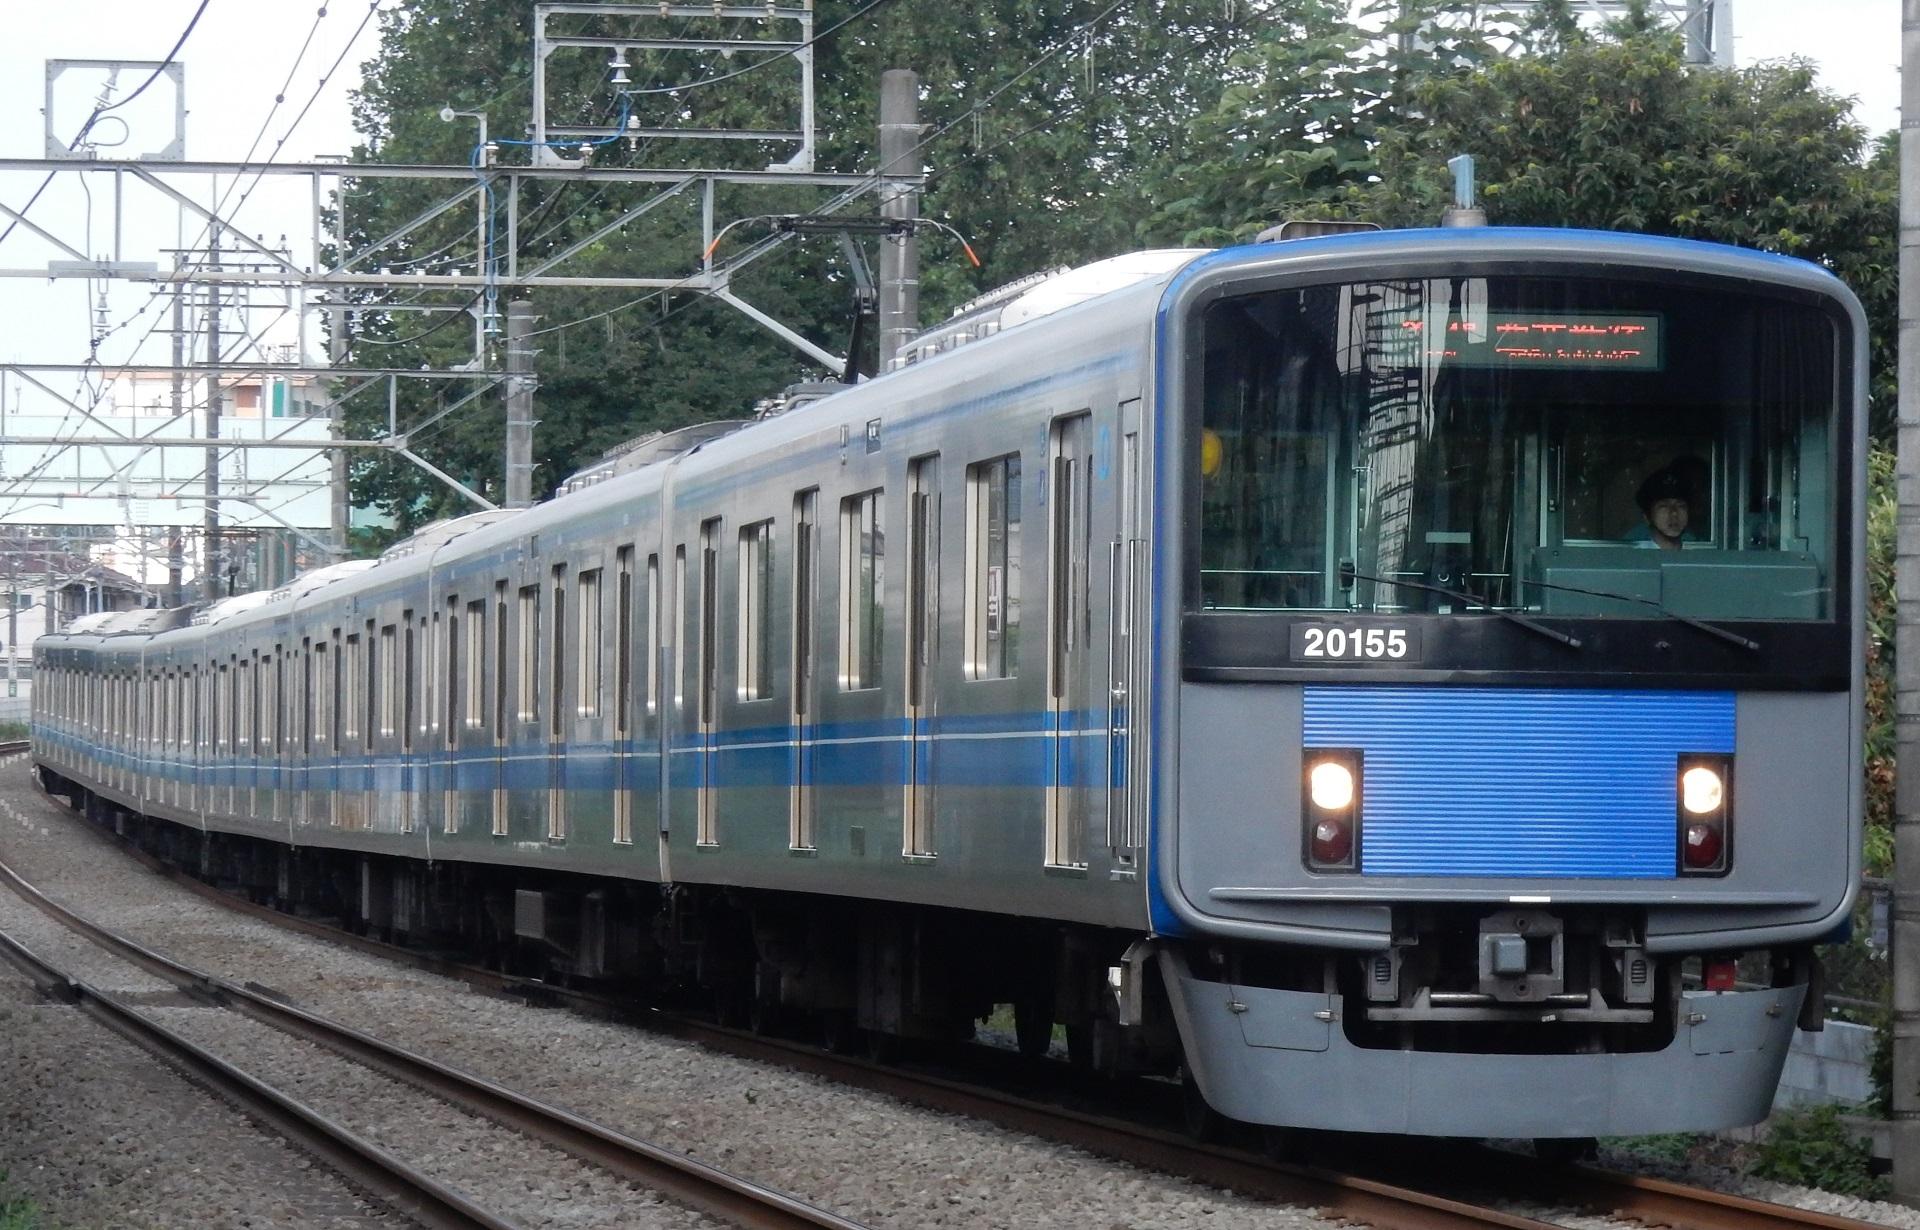 DSCN4913 - コピー